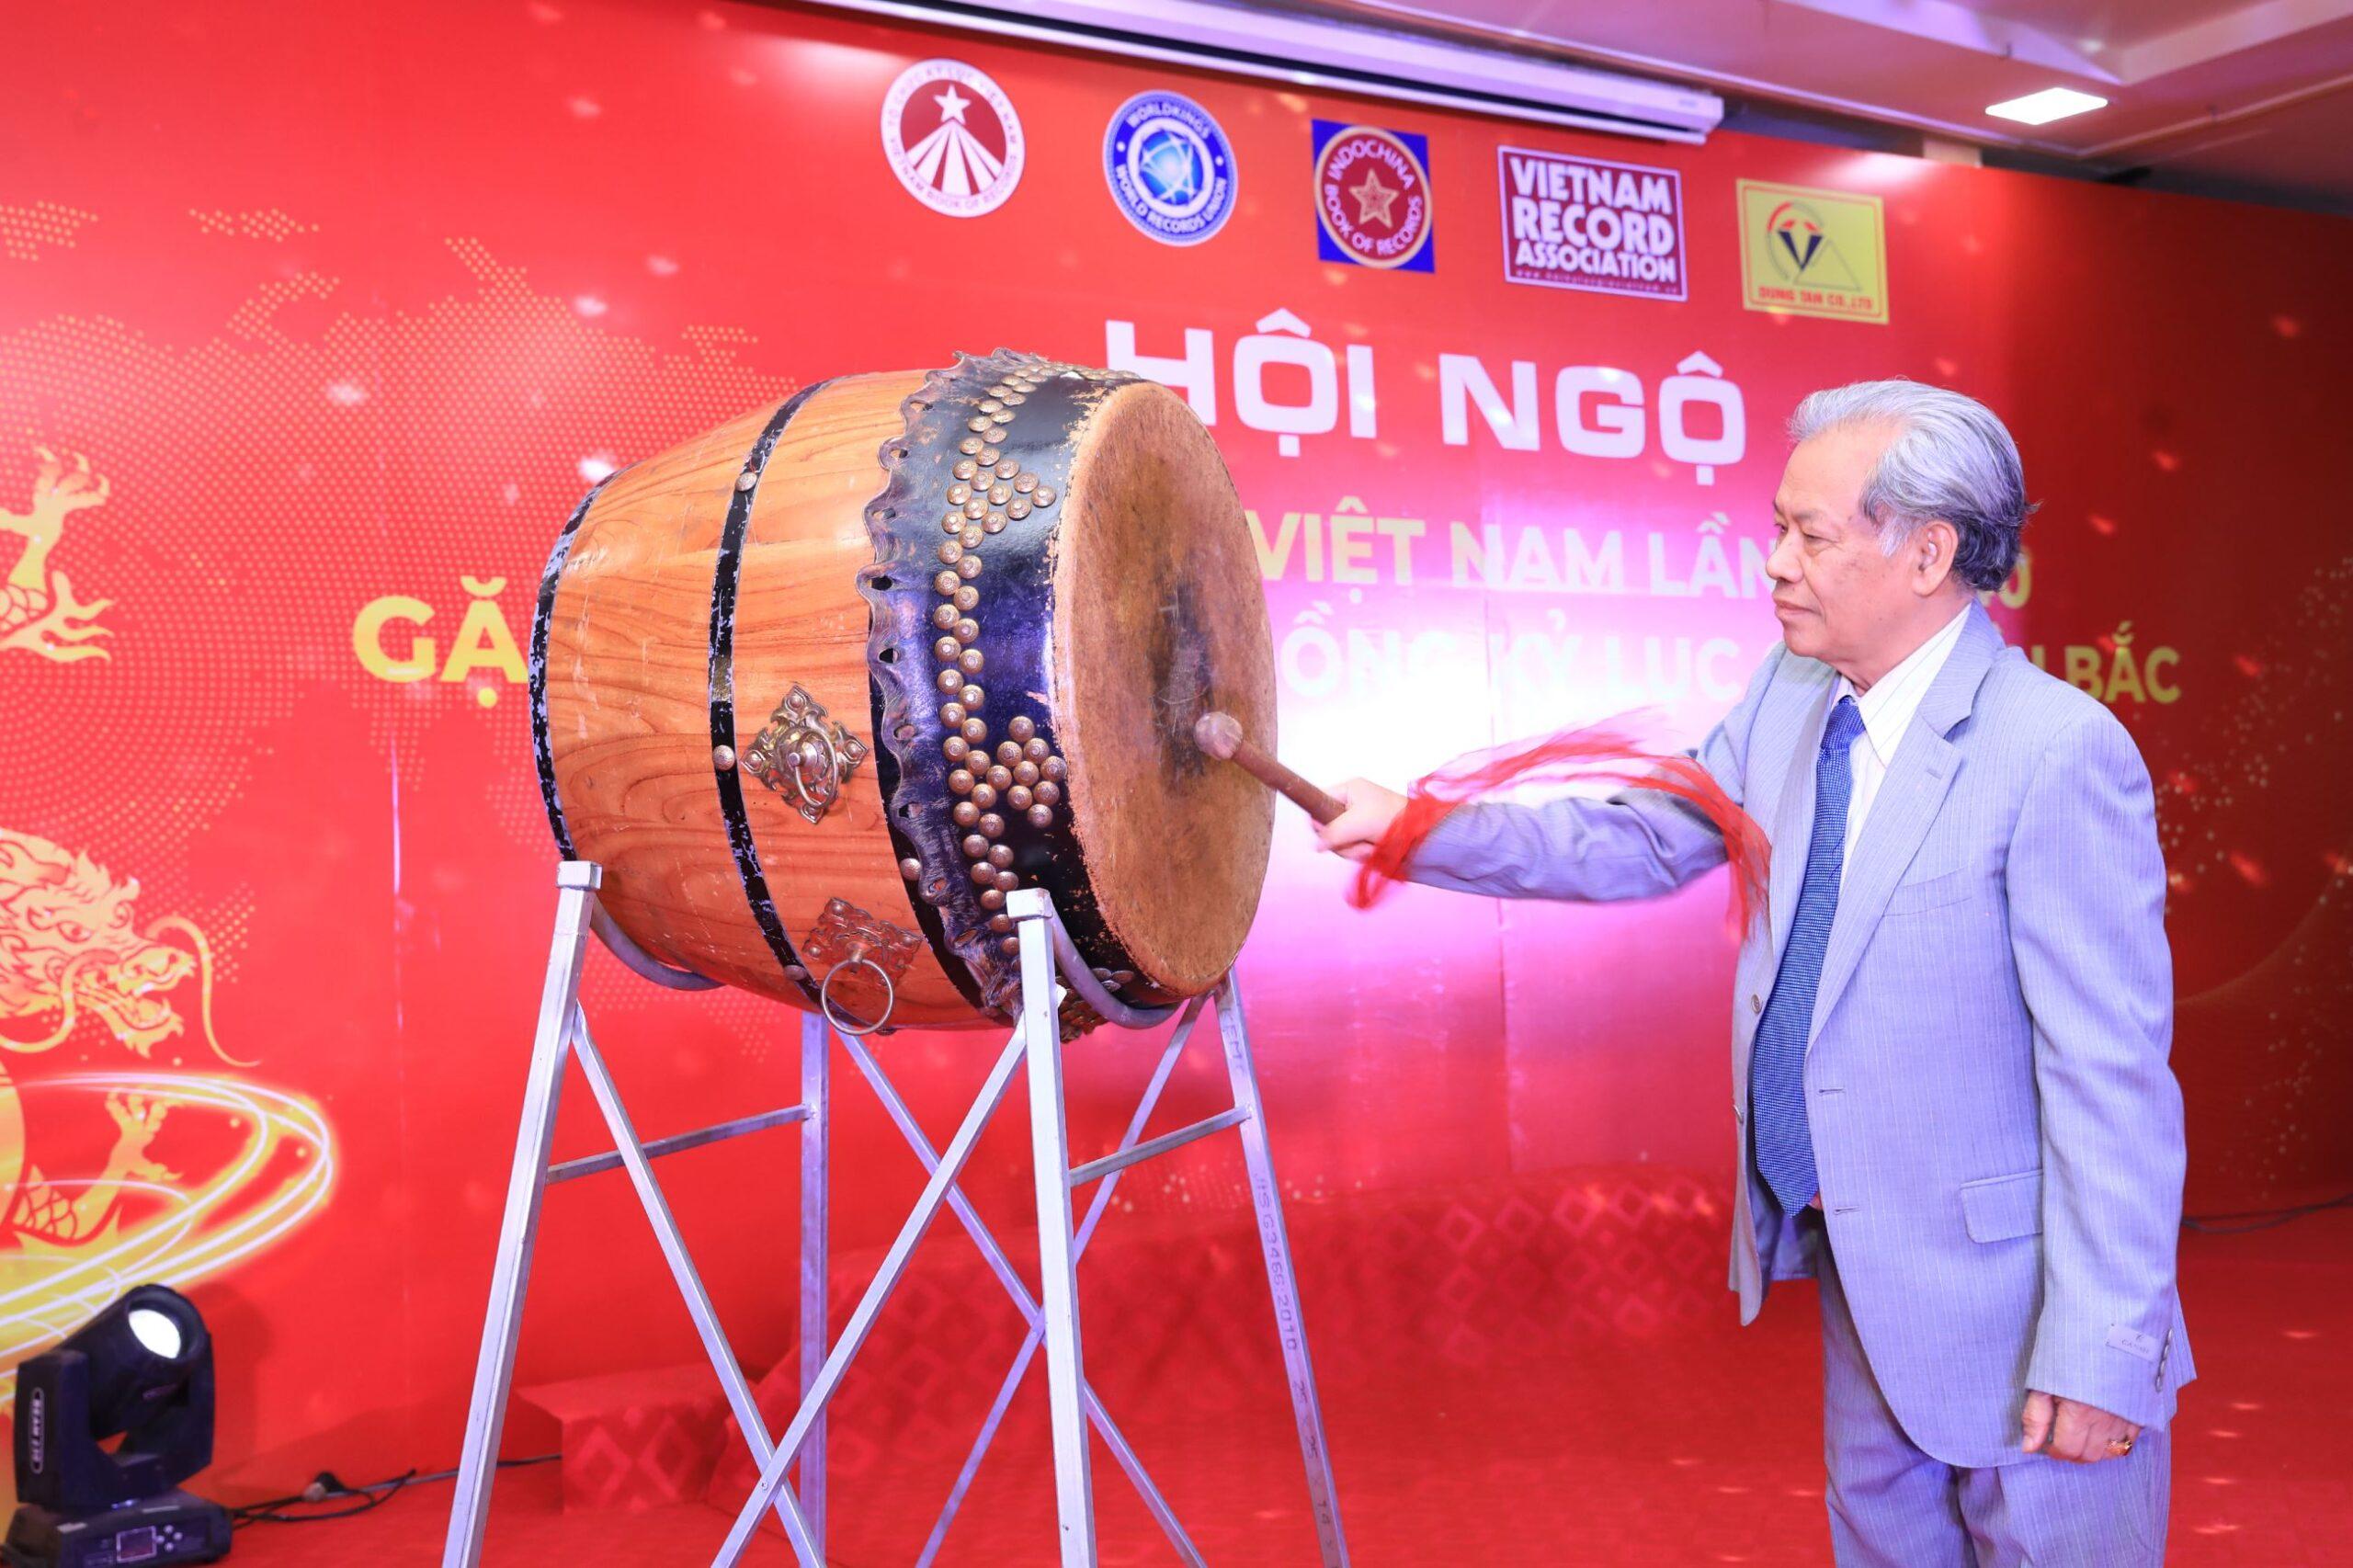 Tiến sĩ Thang Văn Phúc – Nguyên Thứ trưởng Bộ Nội vụ, Chủ tịch Trung ương Hội Kỷ lục gia Việt Nam thực hiện nghi thức Đánh trống khai hội